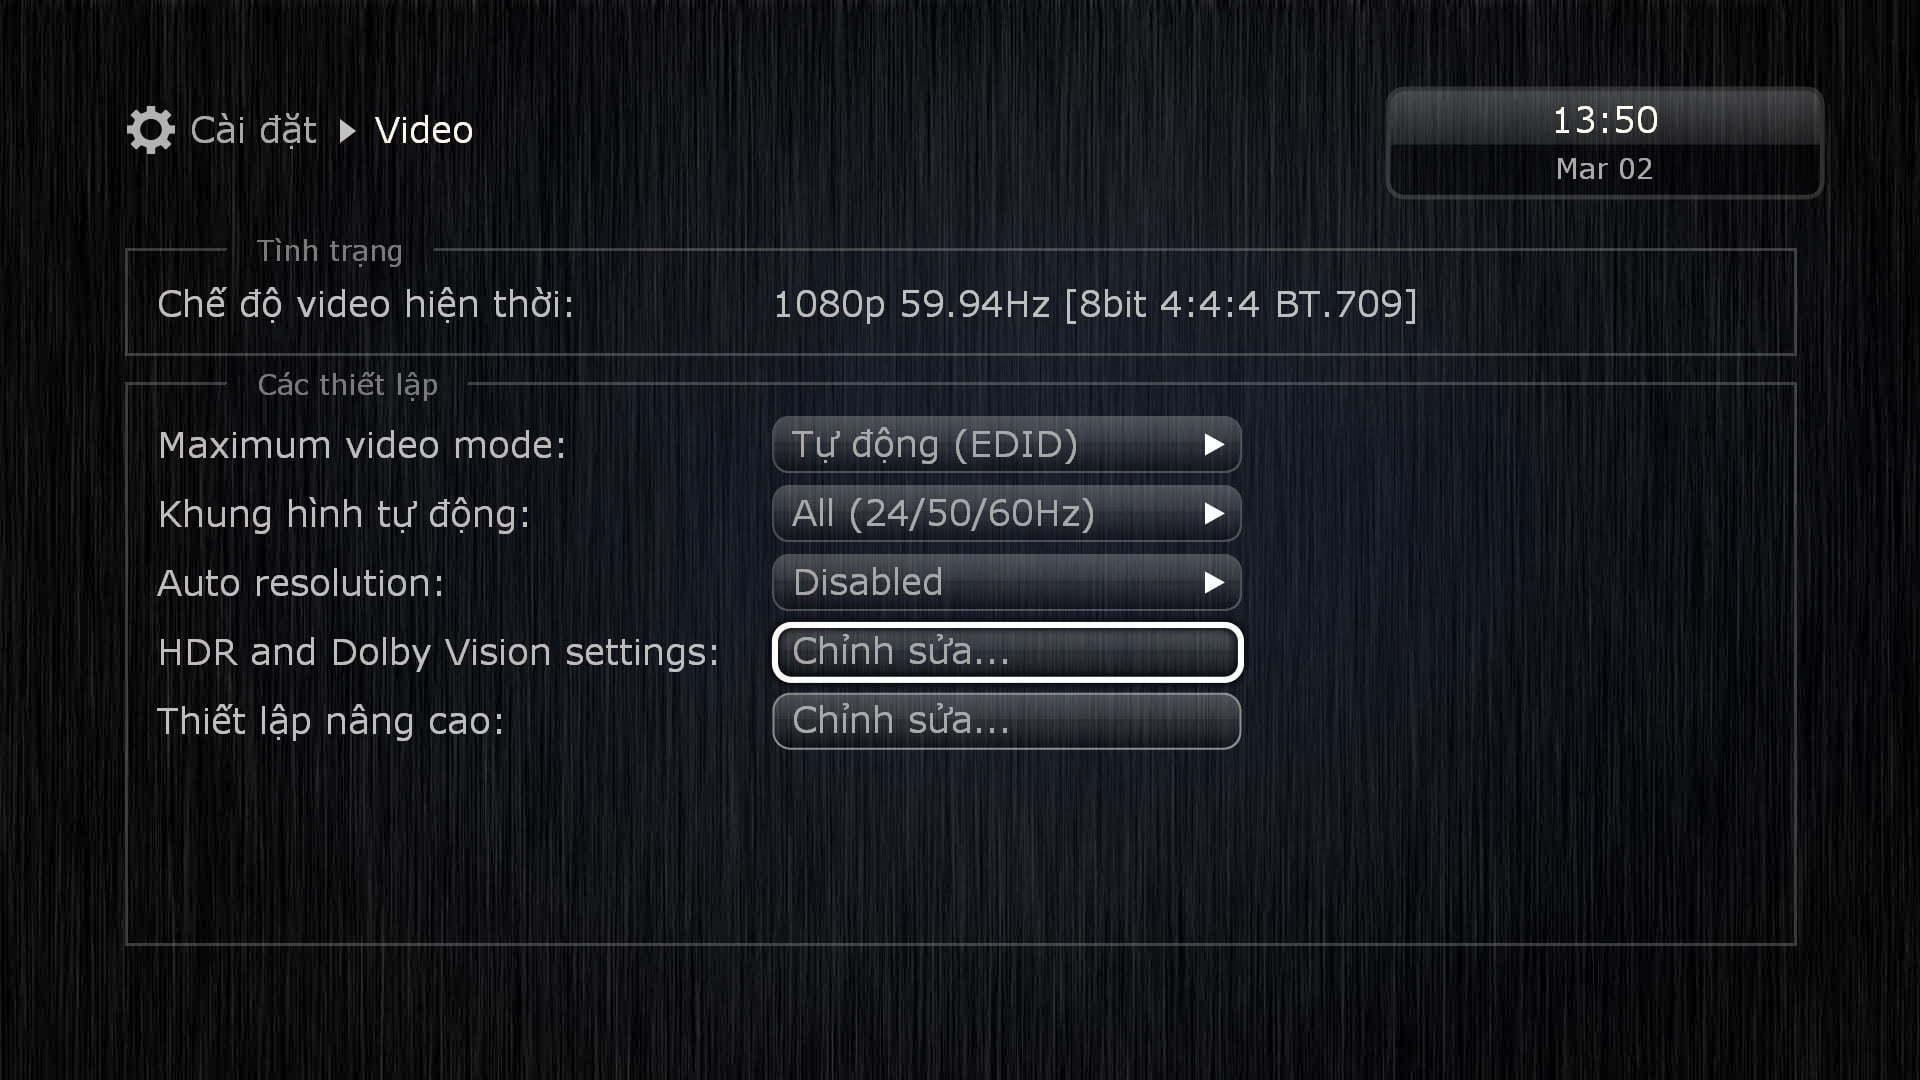 Tùy chỉnh chế độ HDR / Dolby Vision trên Dune HD Pro Vision 4K Solo | HDnew - Chia sẻ đam mê